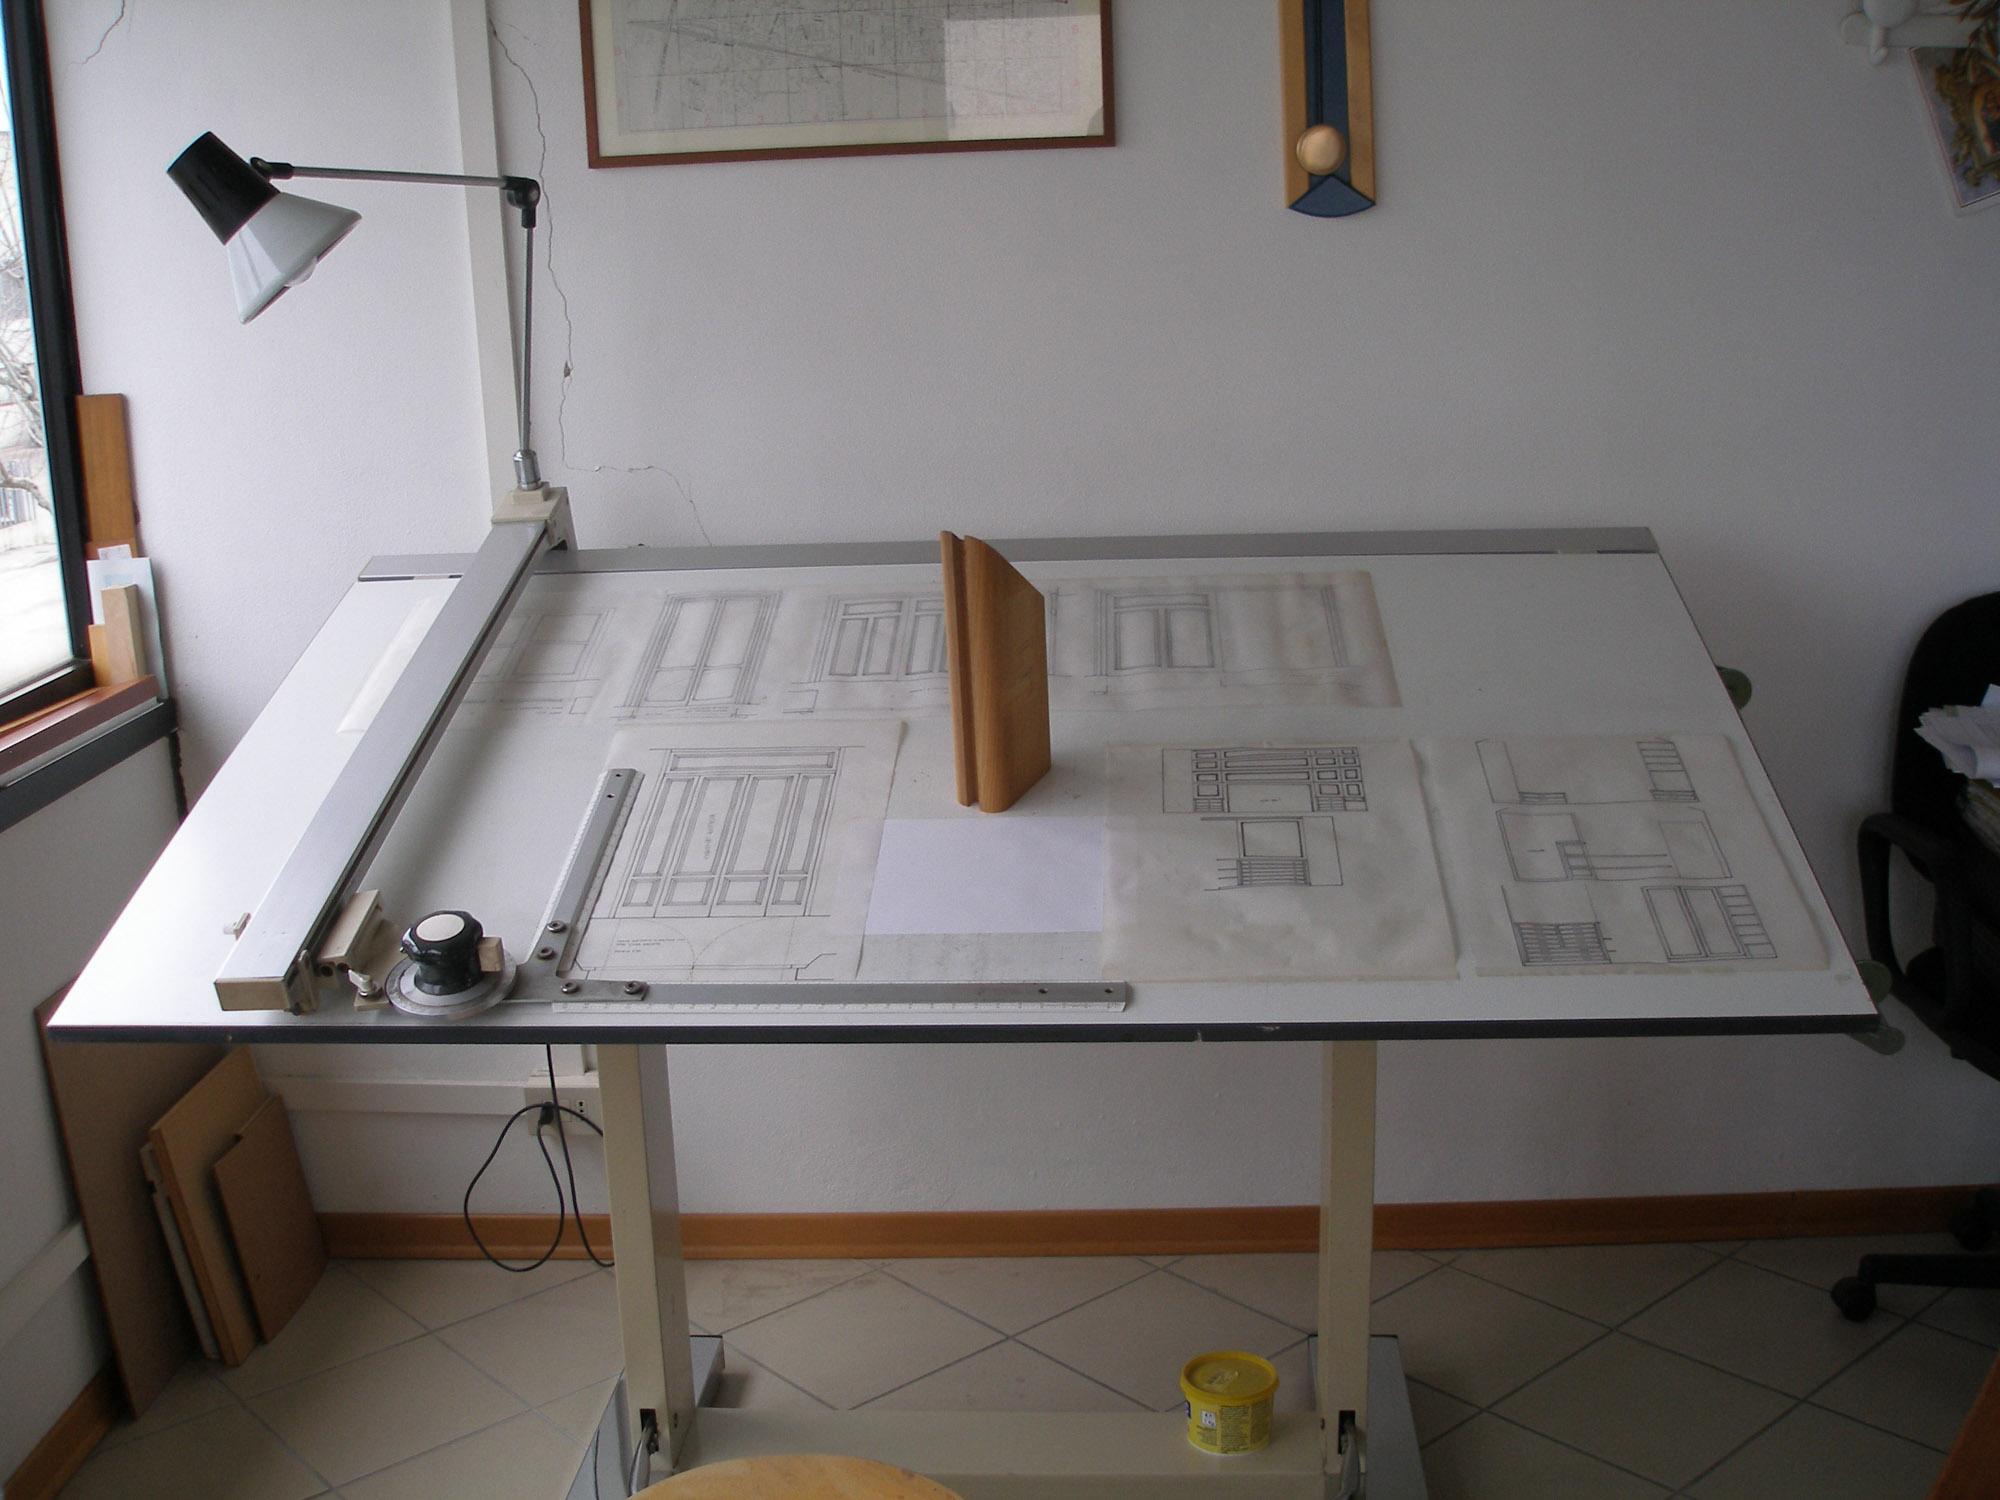 Studio di progettazione franchi arreda franchi arreda for Piccoli piani di progettazione in studio